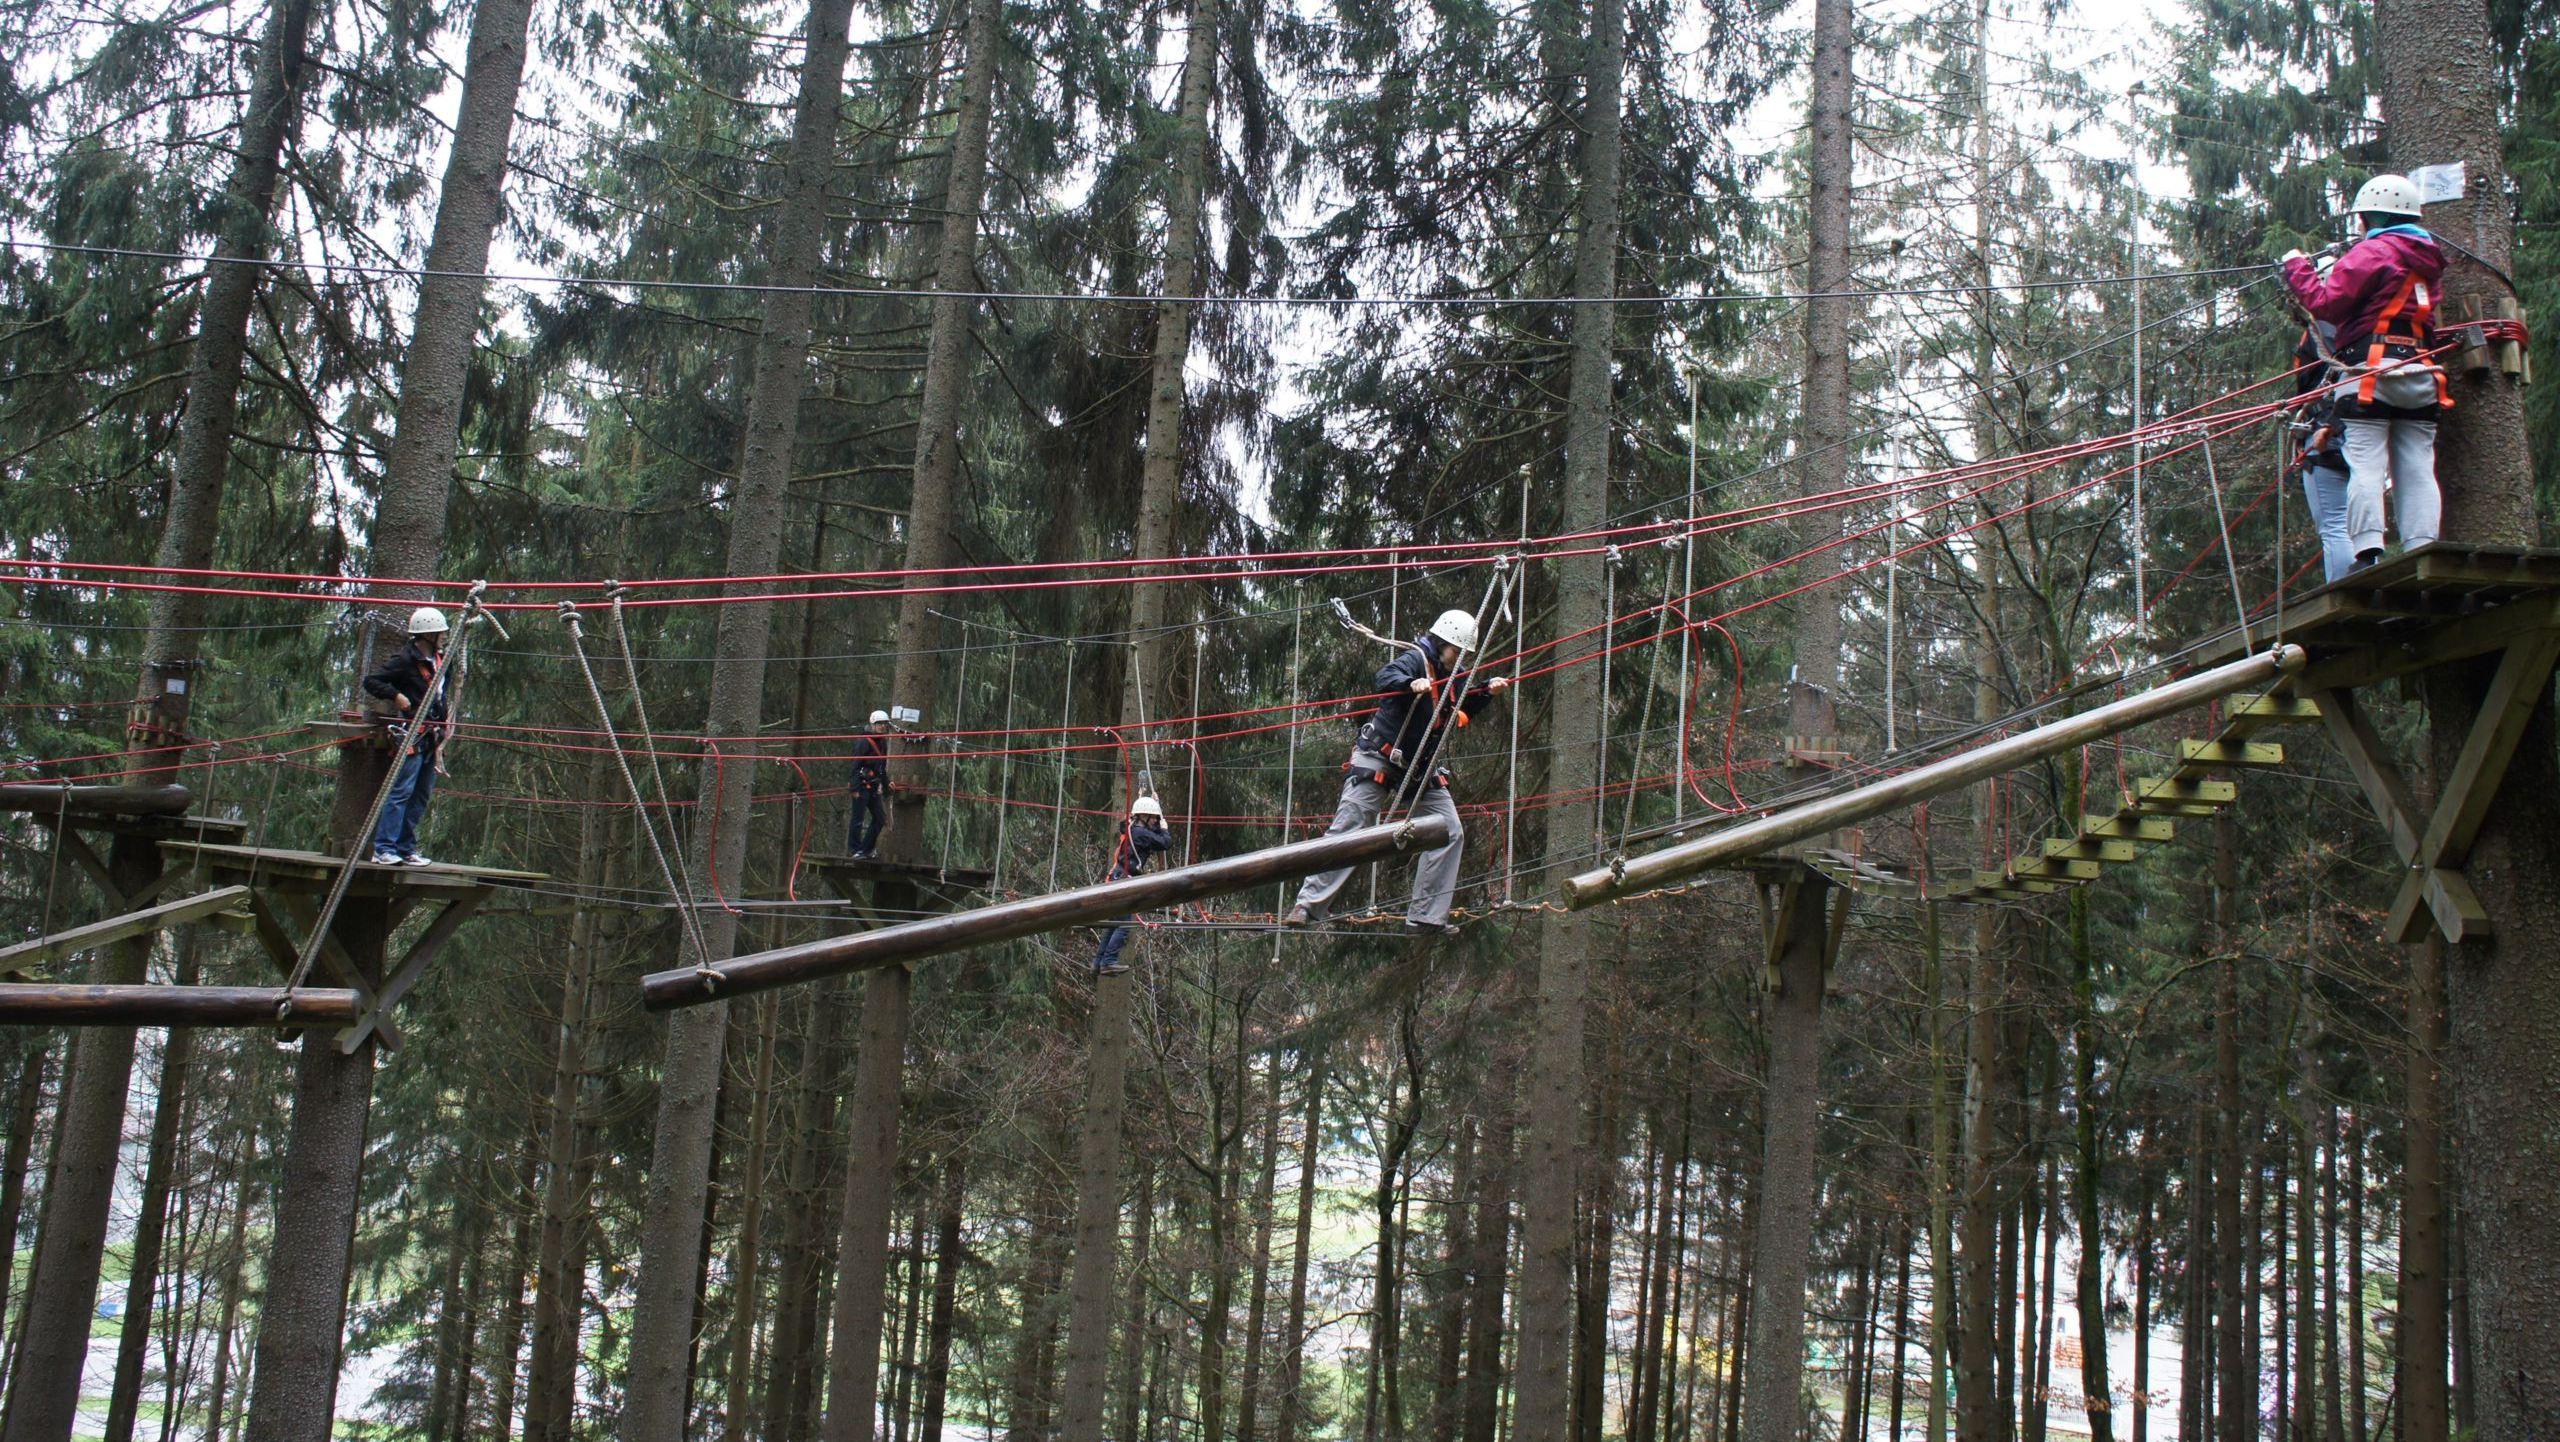 Klettern im Hochseilgarten